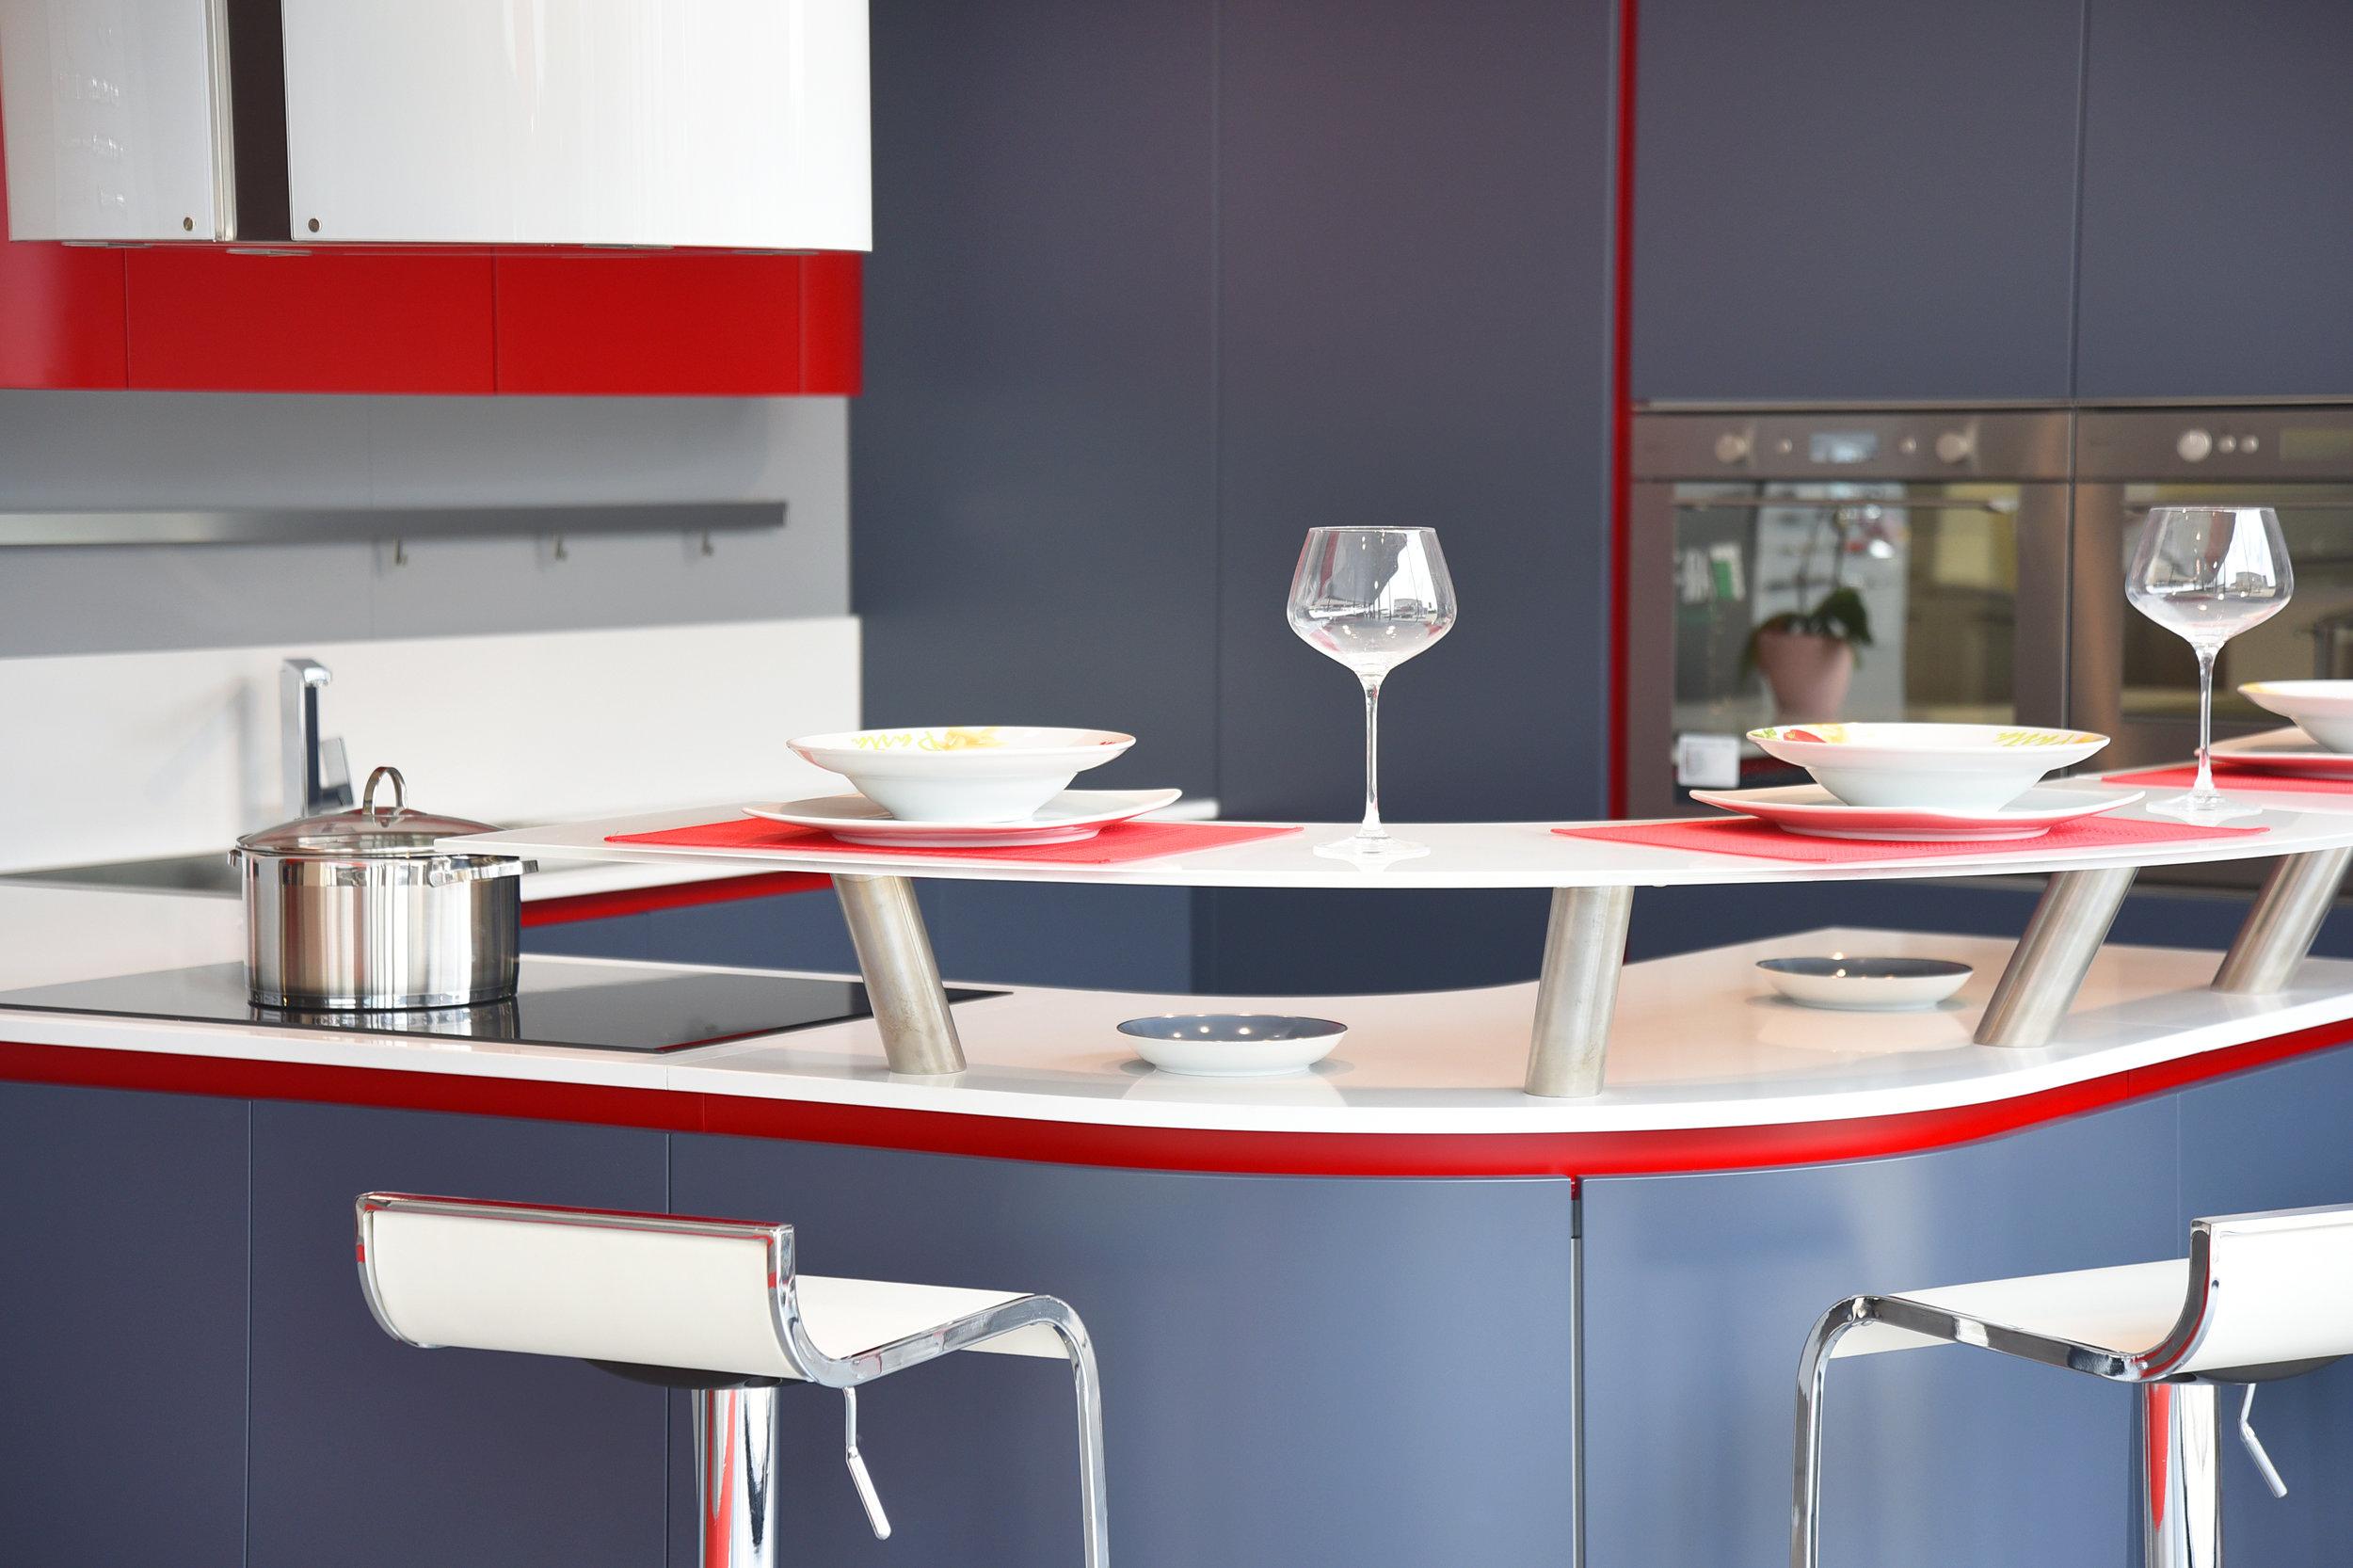 cucina 01 - 03.jpg